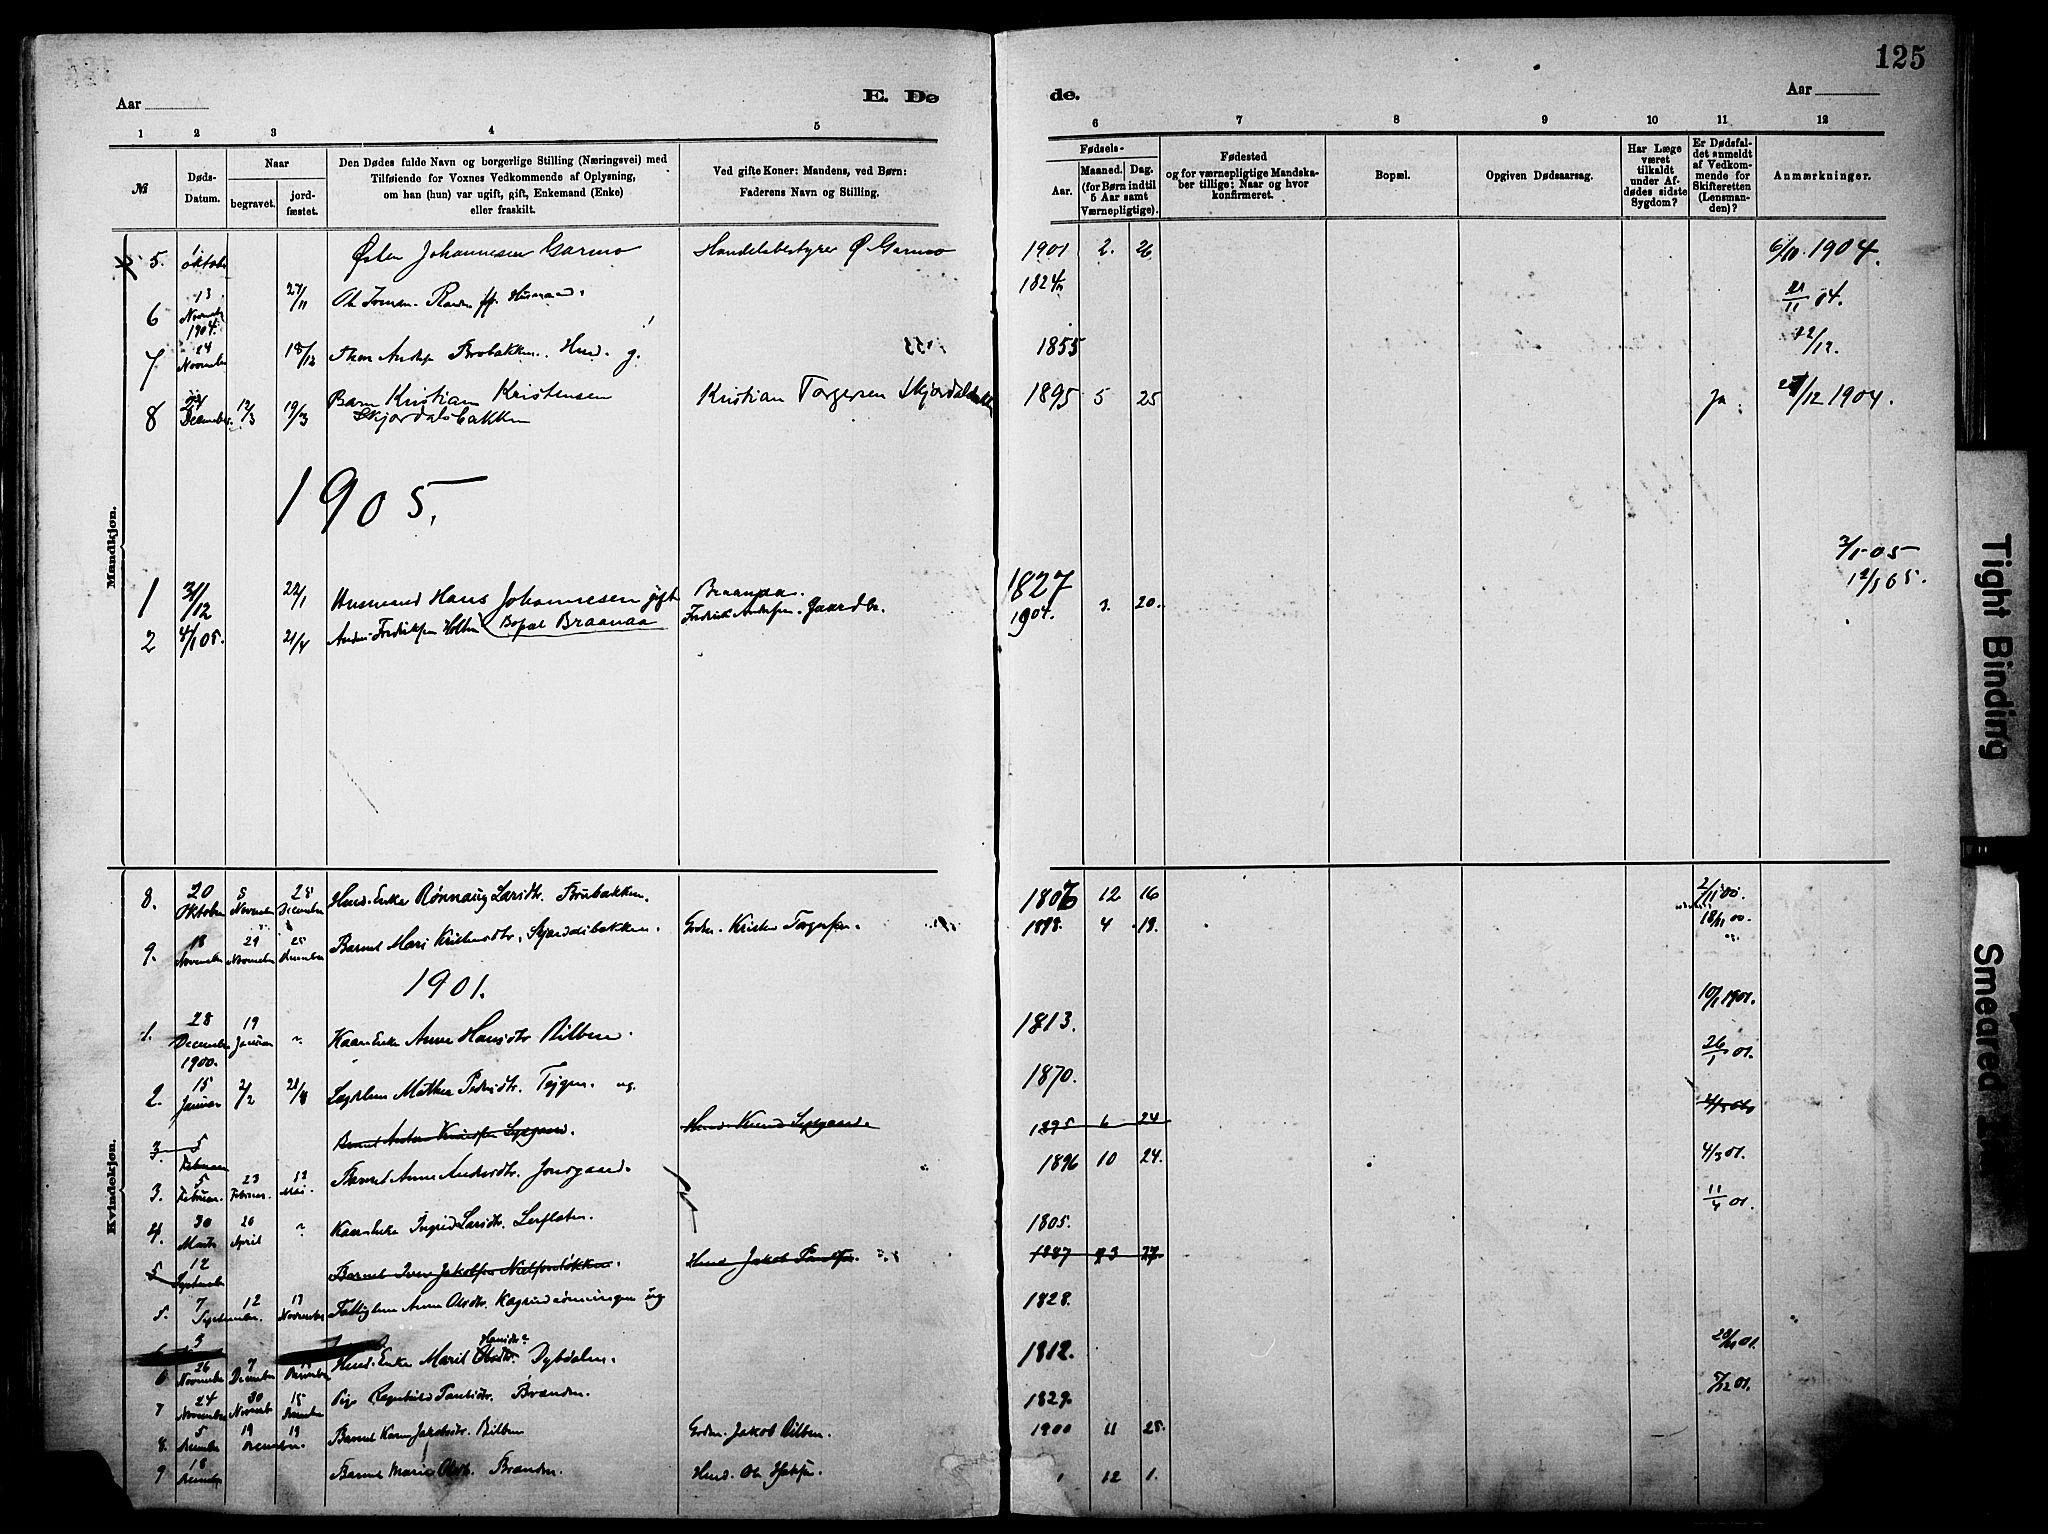 SAH, Vågå prestekontor, Ministerialbok nr. 10, 1887-1904, s. 125a